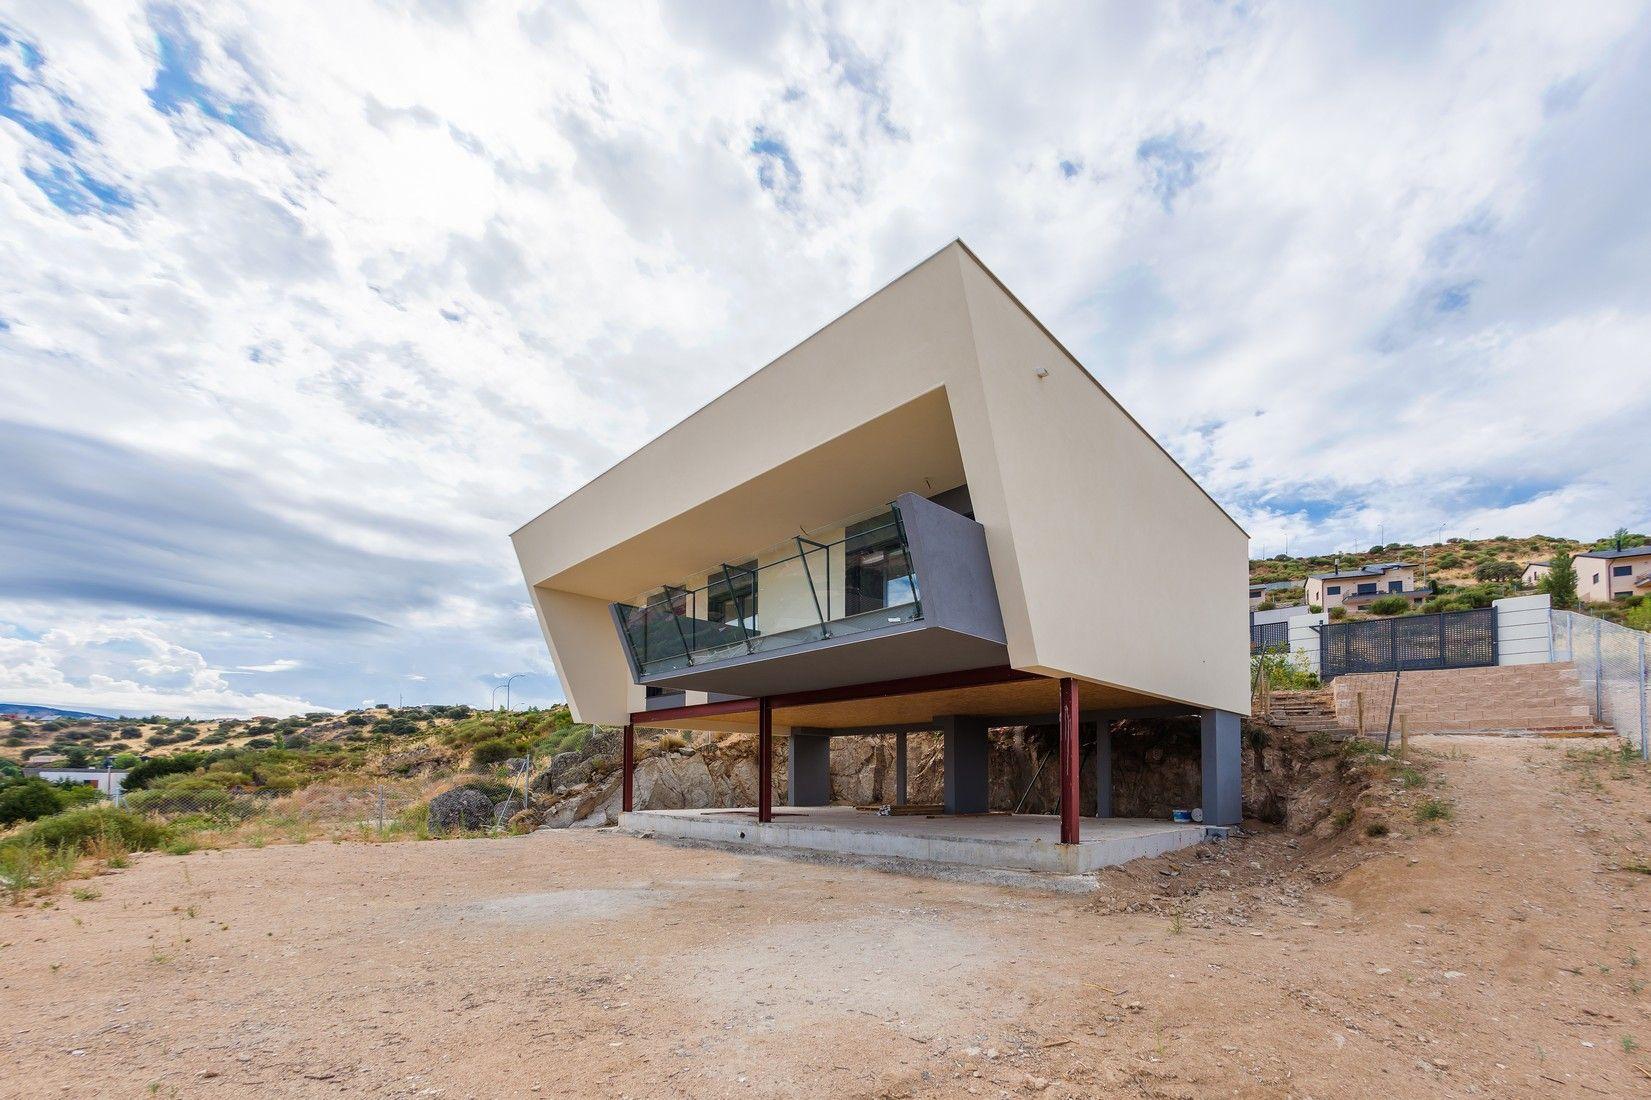 TREBOL - Projectes de cases modulars d'acer